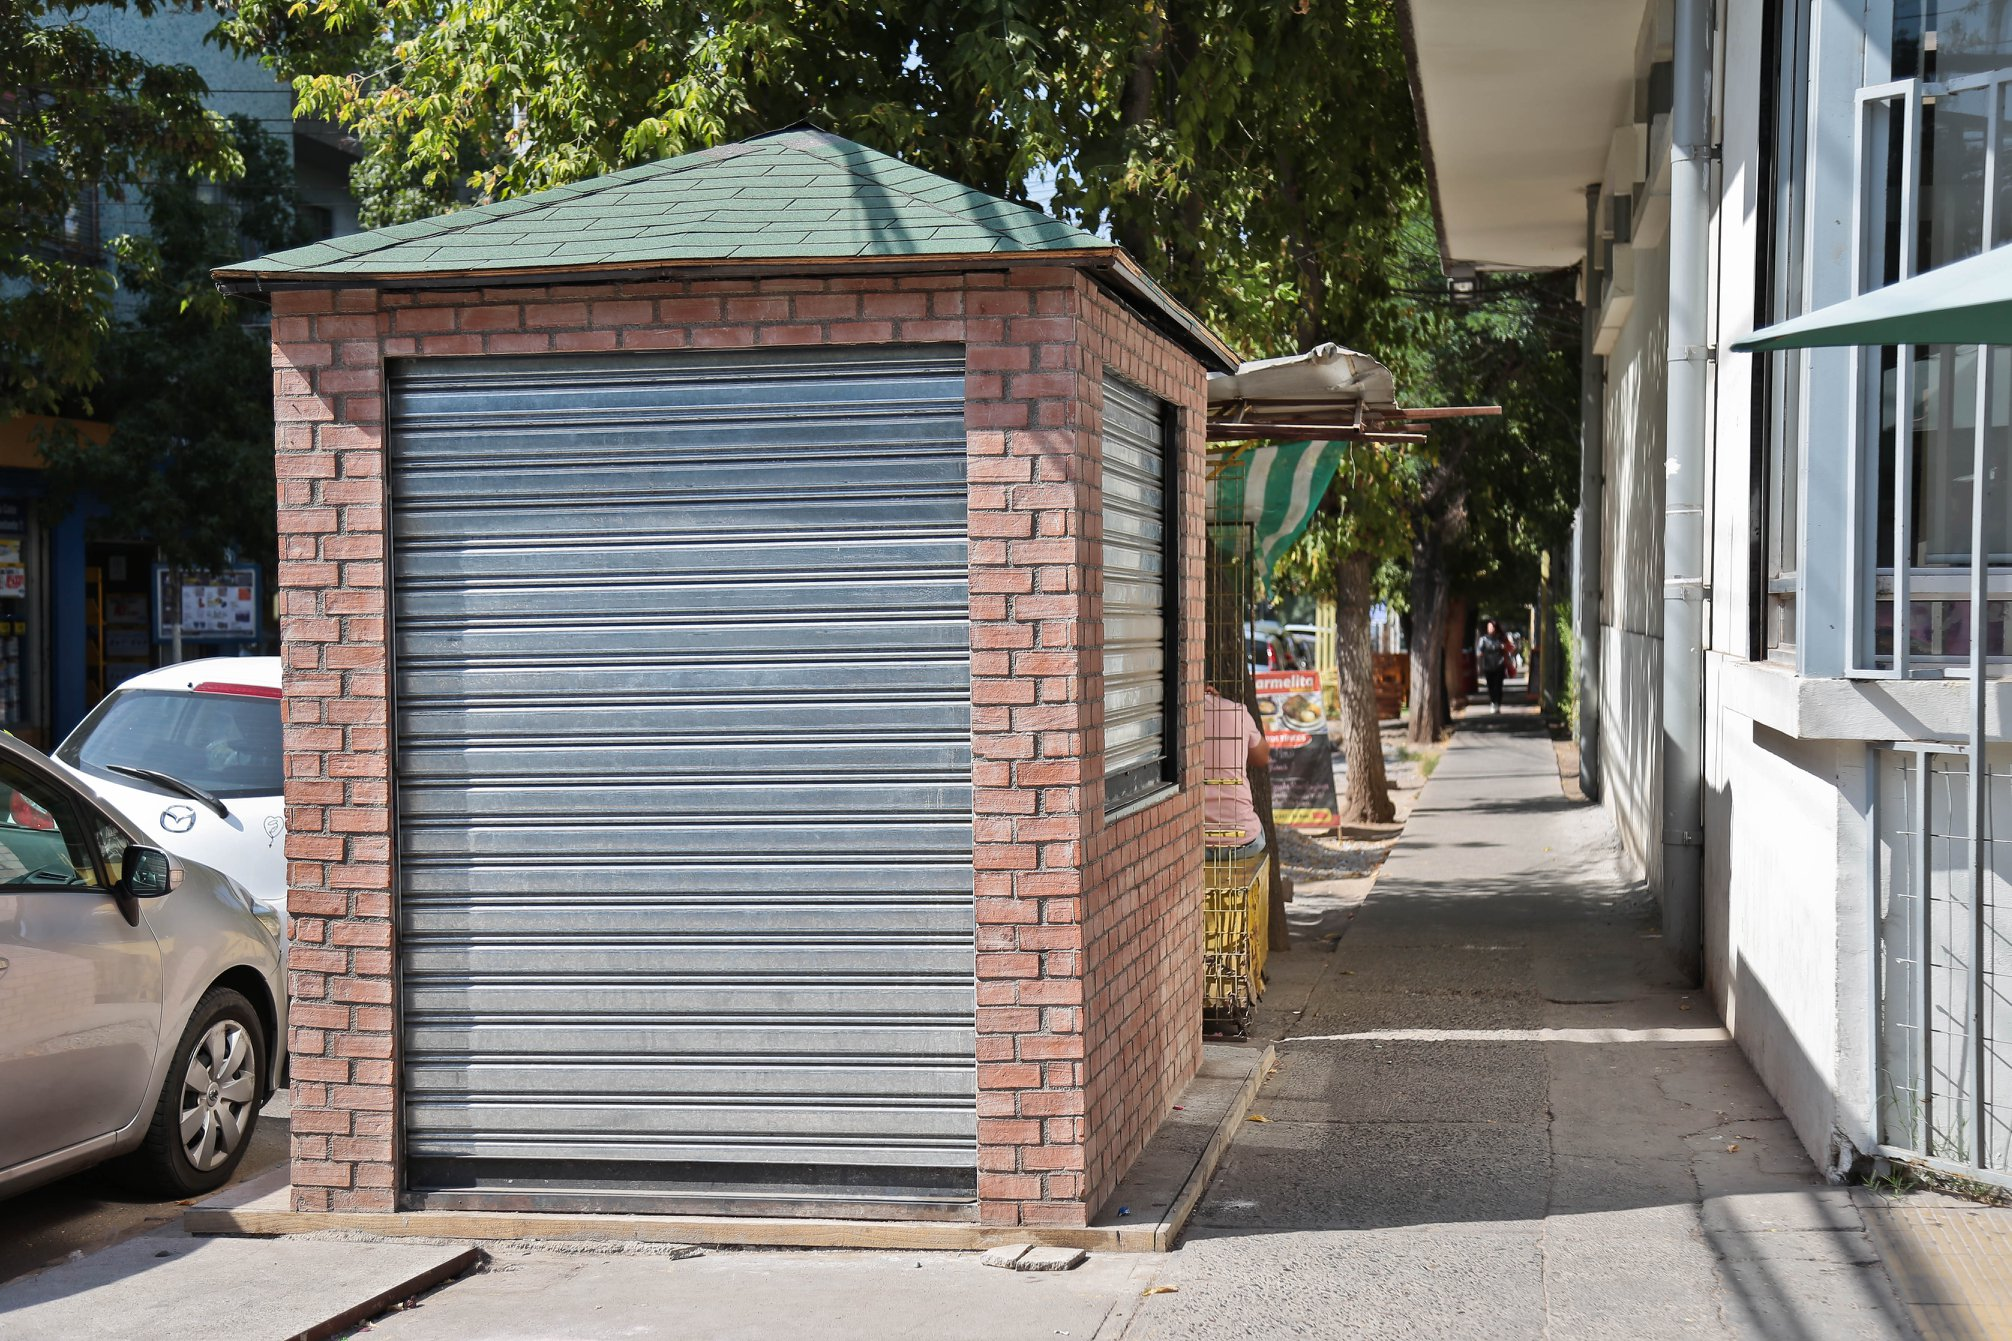 REMODELACIÓN DE EX CARROS AMARILLOS HA BENEFICIADO A  SUS DUEÑOS EN SEGURIDAD Y CONFORTABILIDAD